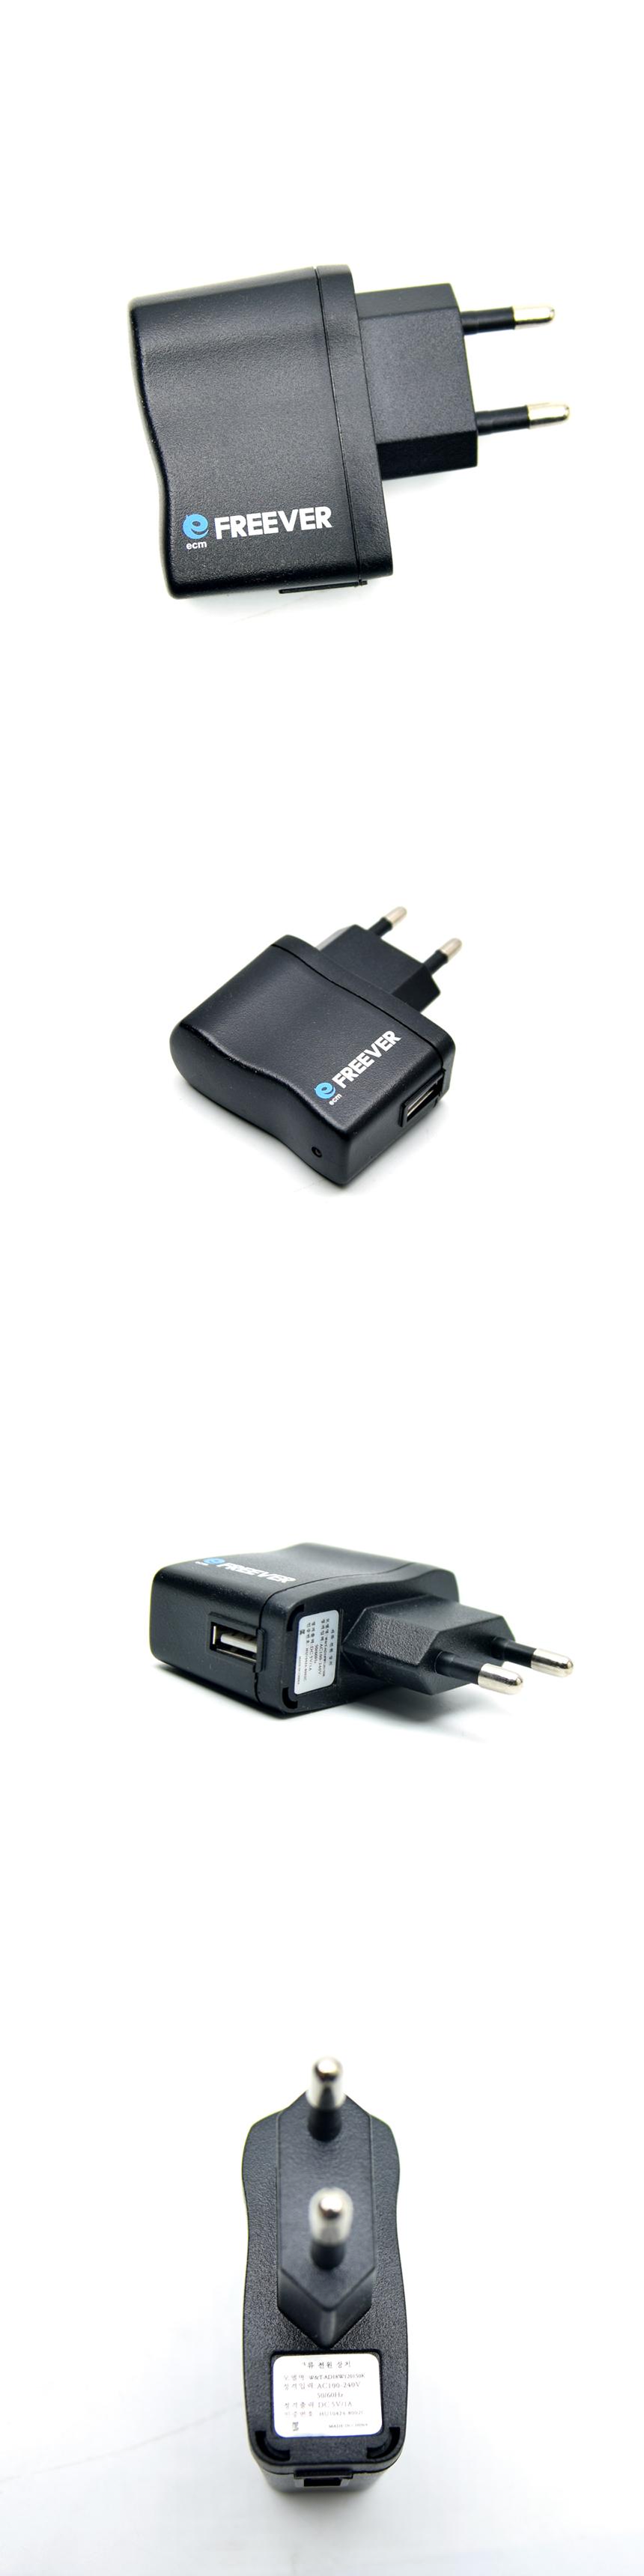 [수량한정] USB 5v/1.5A 충전기 아답타